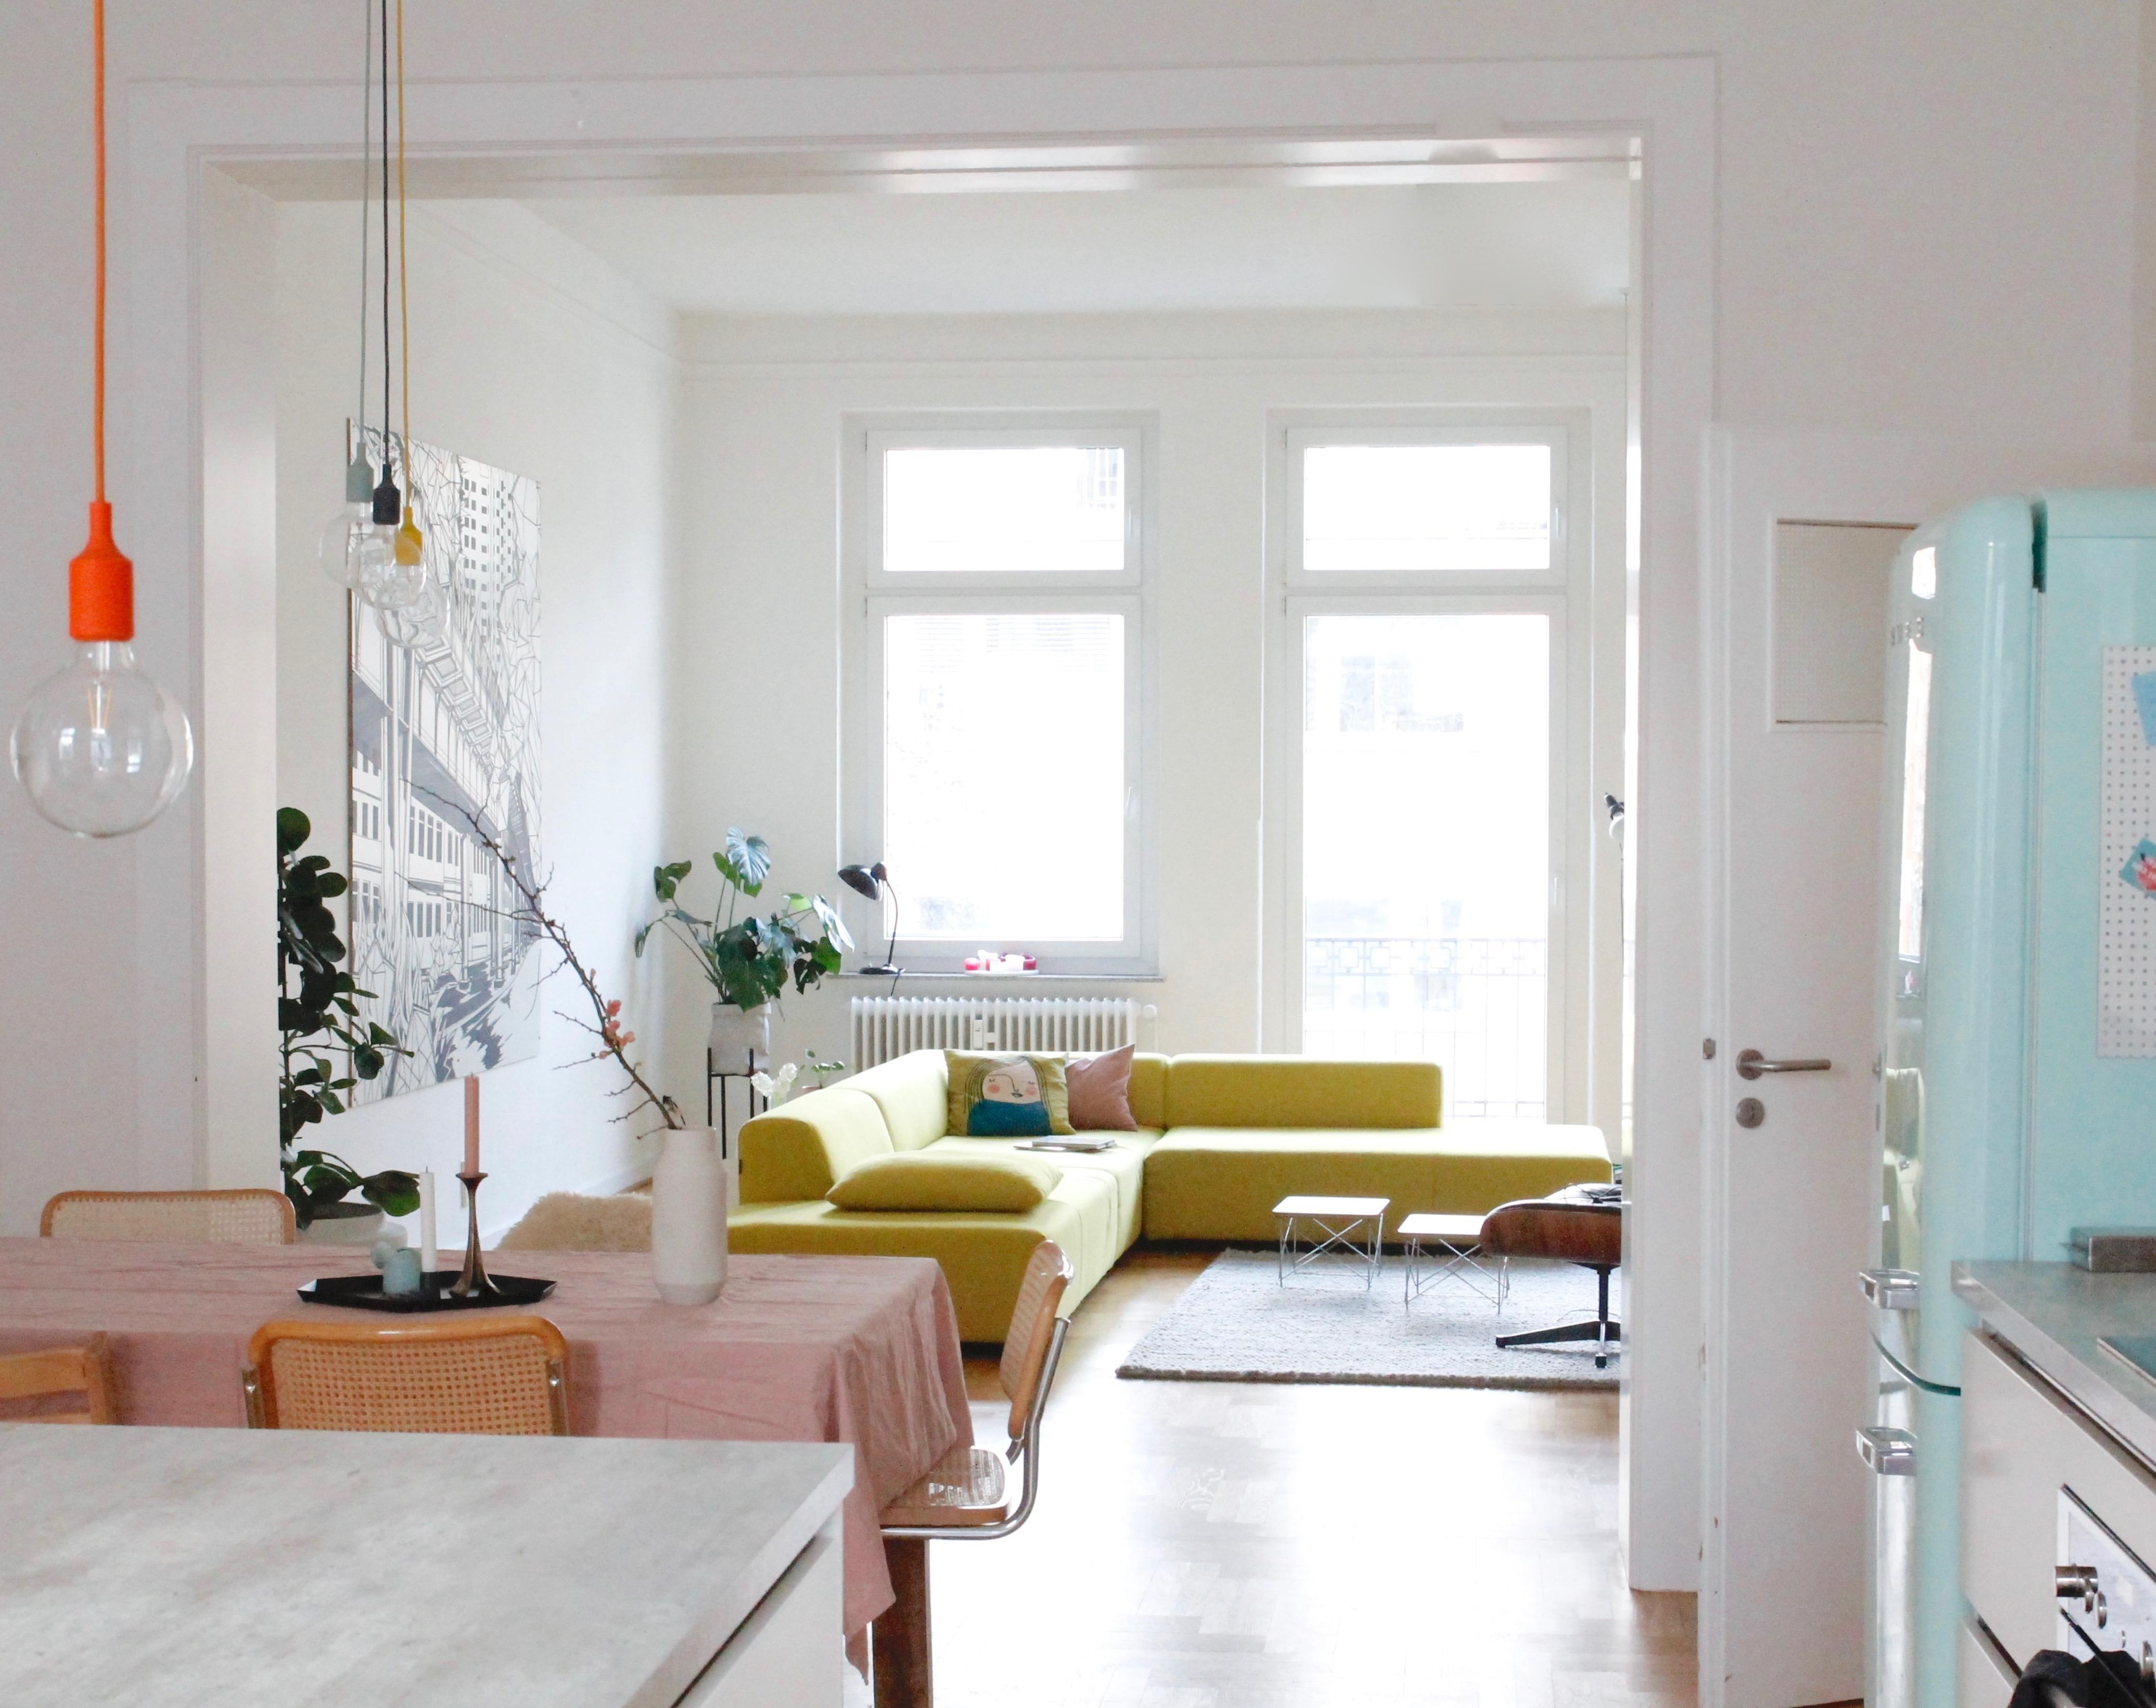 Smeg Minibar Kühlschrank : Smeg u bilder ideen u couch